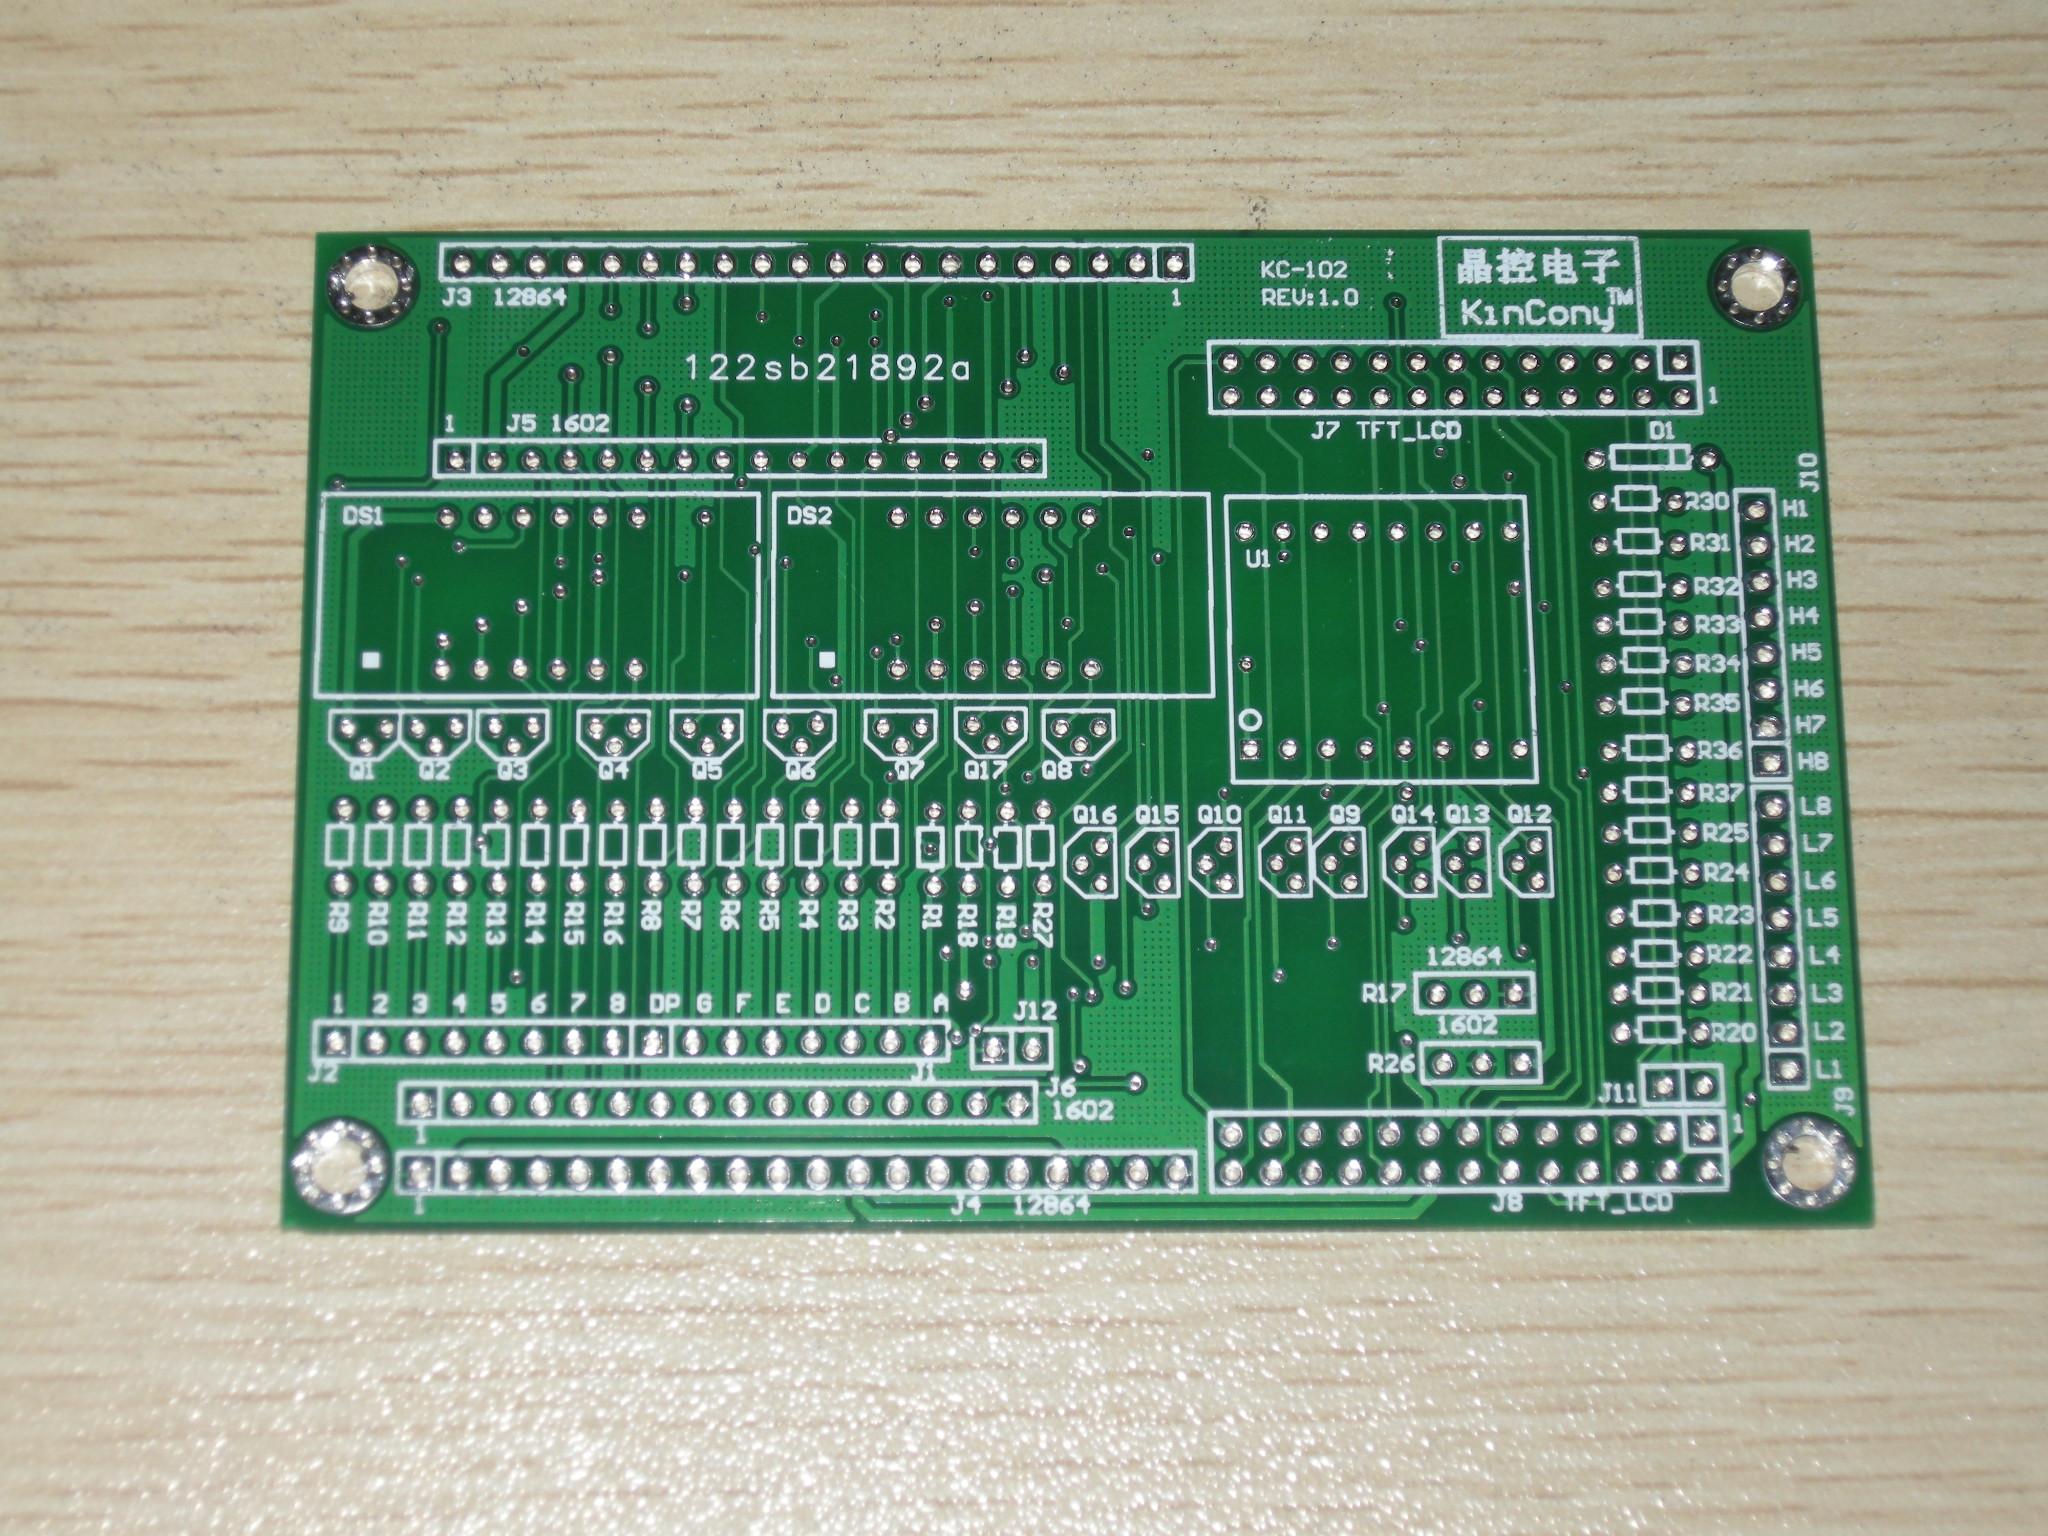 点击上面窗口进行在线播放,双击进行全屏观看 模块相关背景知识介绍: 数码管、1602字符型液晶屏、12864点阵型液晶屏的接线及使用方法请参考书本前面部分。 88 点阵LED: 图(1)为88点阵LED外观及引脚图,其等效电路如图(2)所示,X8点阵共需要64个发光二极管组成,且每个发光二极管是放置在行线和列线的交叉点上,当对应的某一列置1电平,某一行置0电平,则相应的二极管就亮,即只要其对应的X、Y轴顺向偏压,就可以使LED发亮。例如如果想使左上角LED点亮,则Y0=1,X0=0即可,应用时限流电阻可